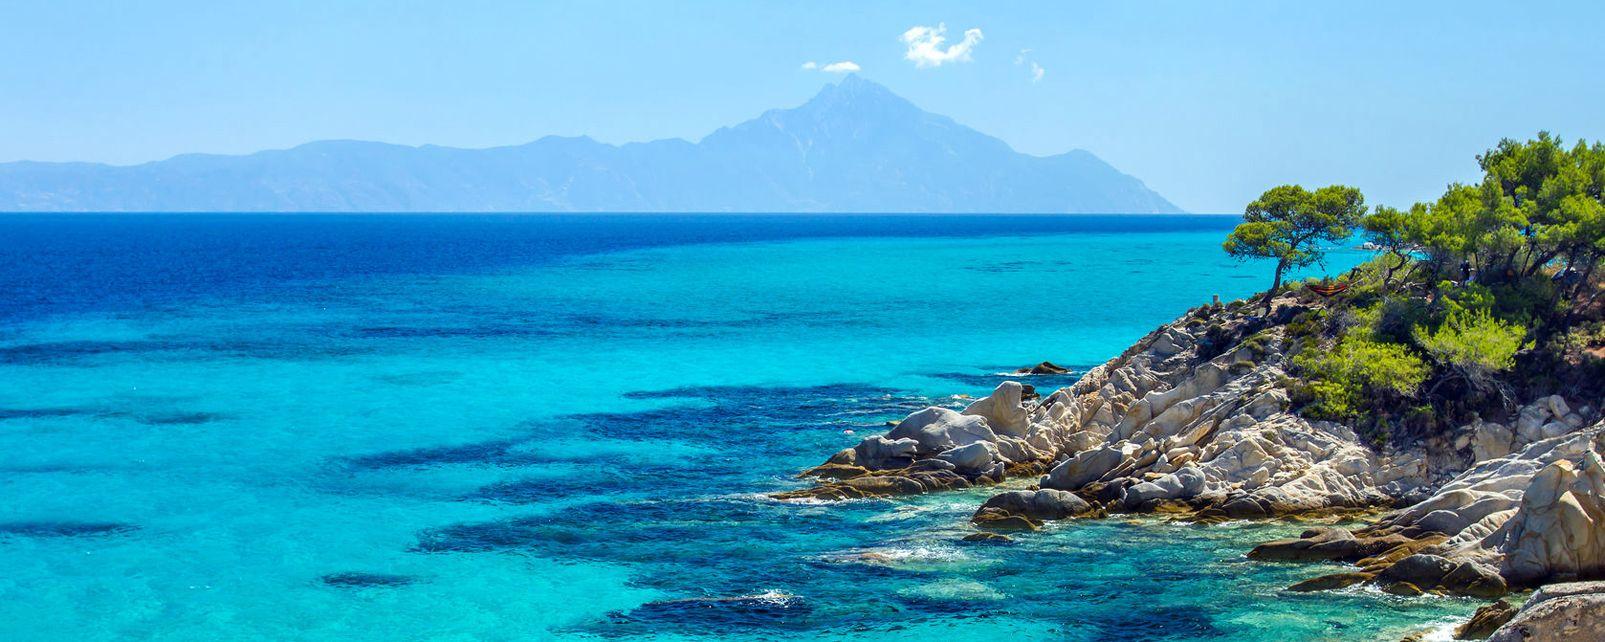 Halkidiki, Le nord de la Grèce, Grecia,